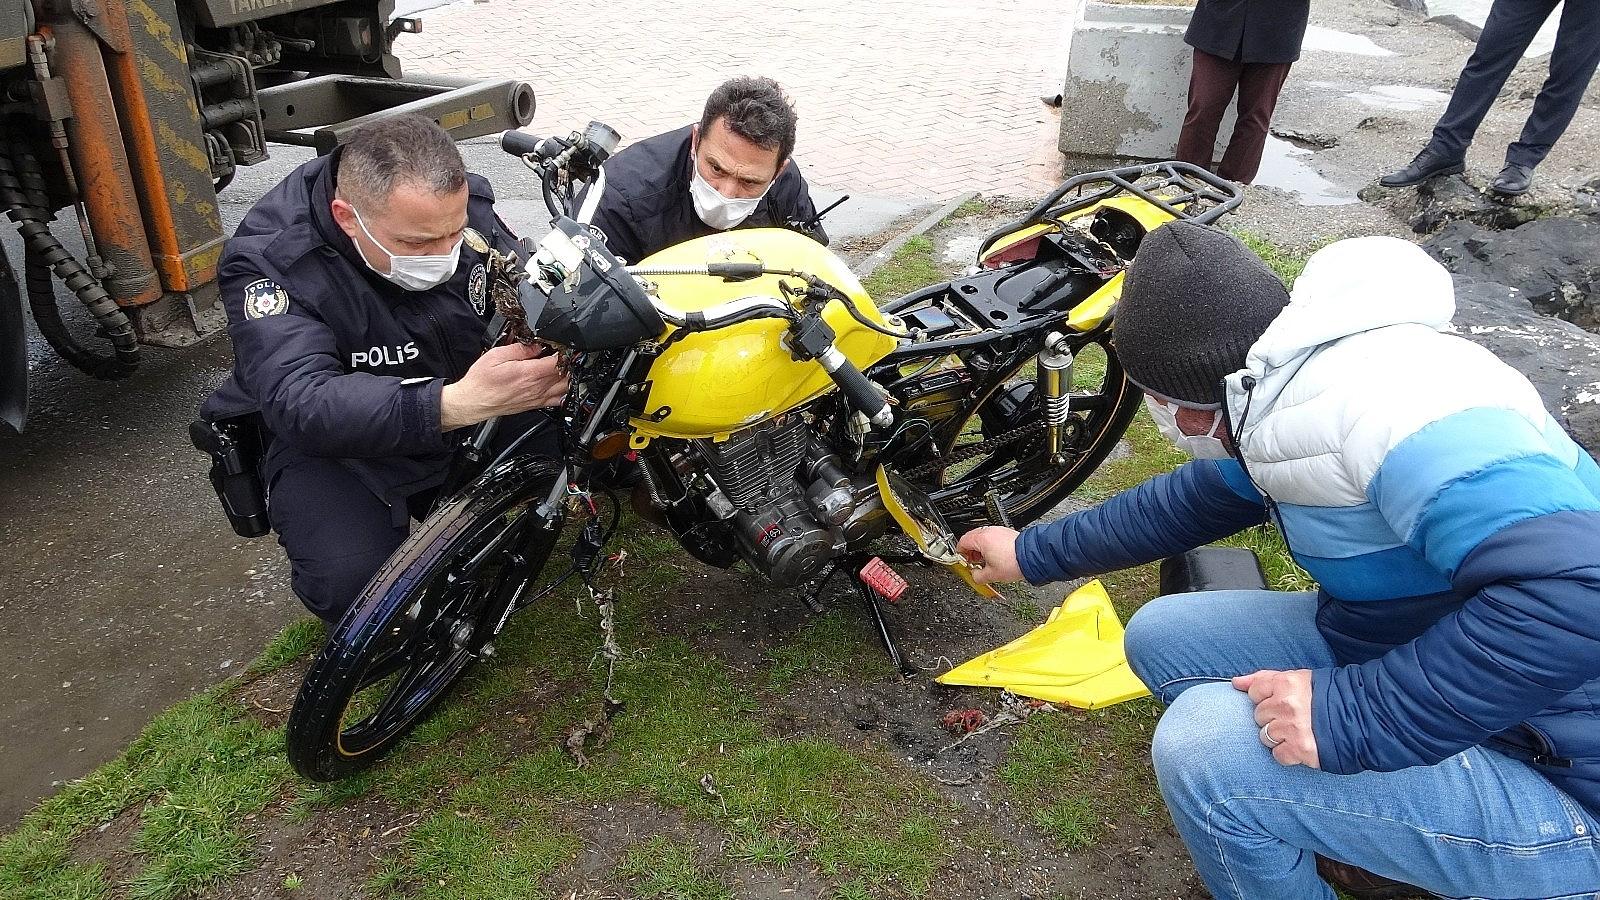 2021/04/samsunda-denizin-icinde-motosiklet-bulundu-20210402AW28-7.jpg